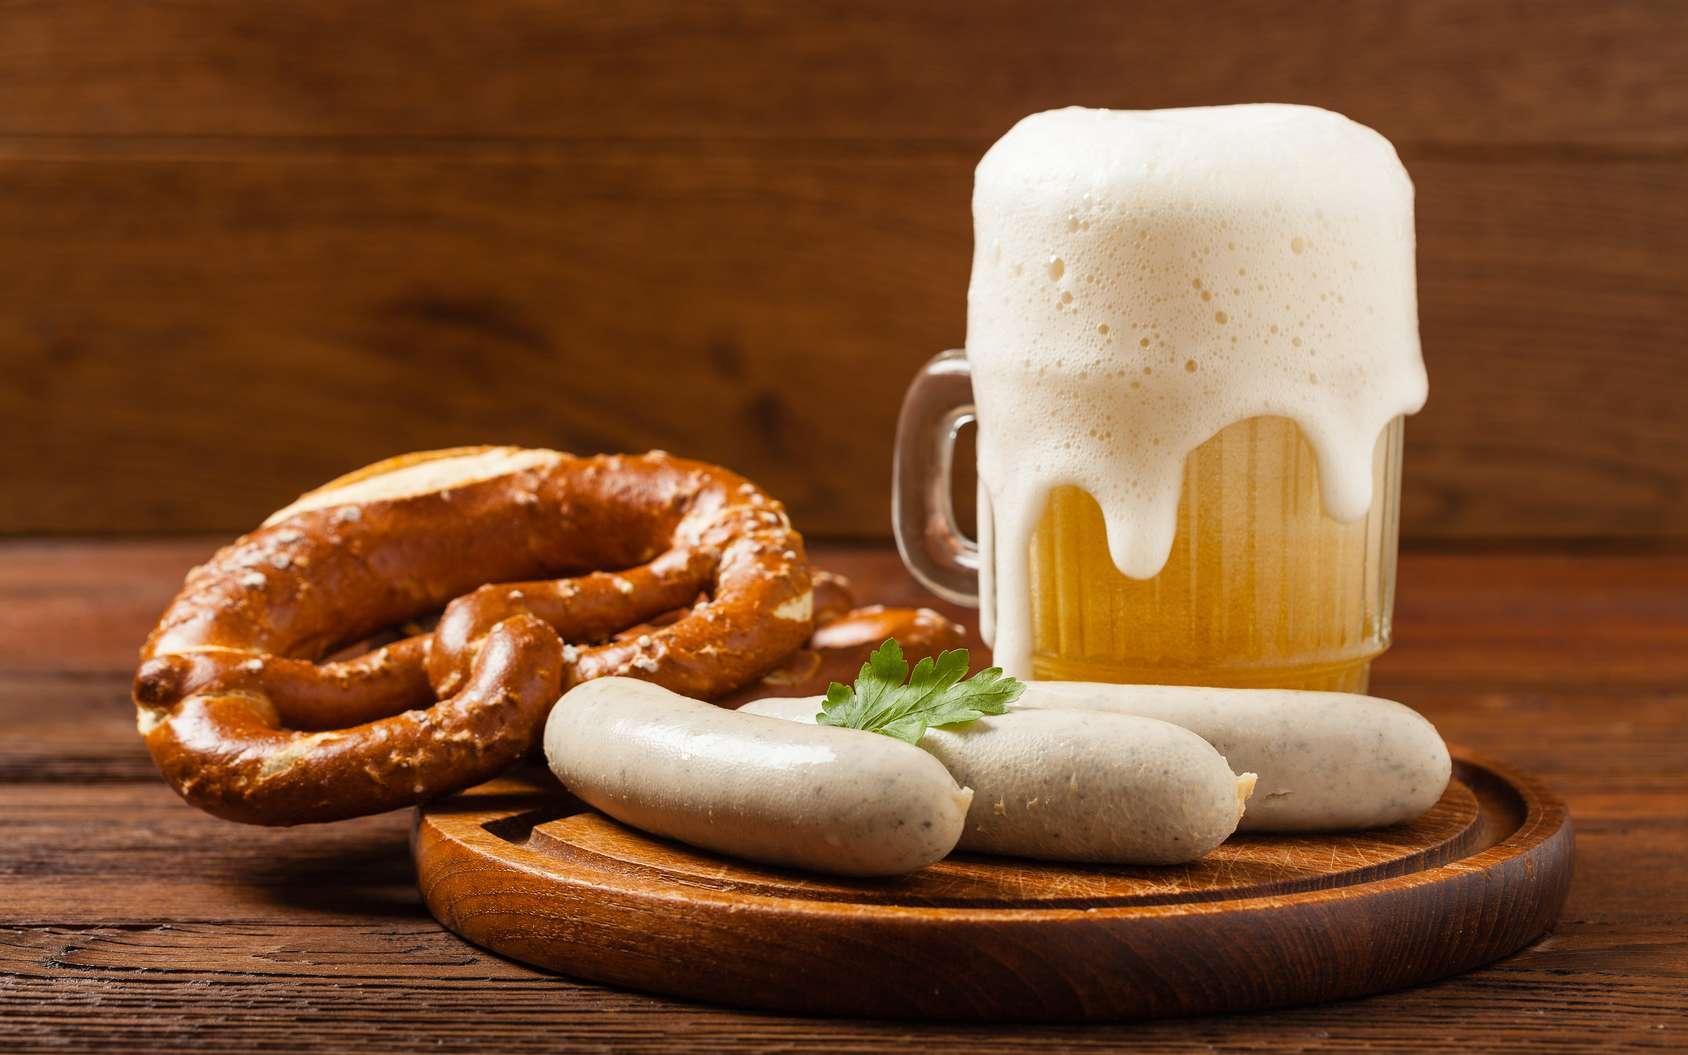 Durant l'Oktoberfest, la gastronomie bavaroise est à l'honneur. © gkrphoto, fotolia